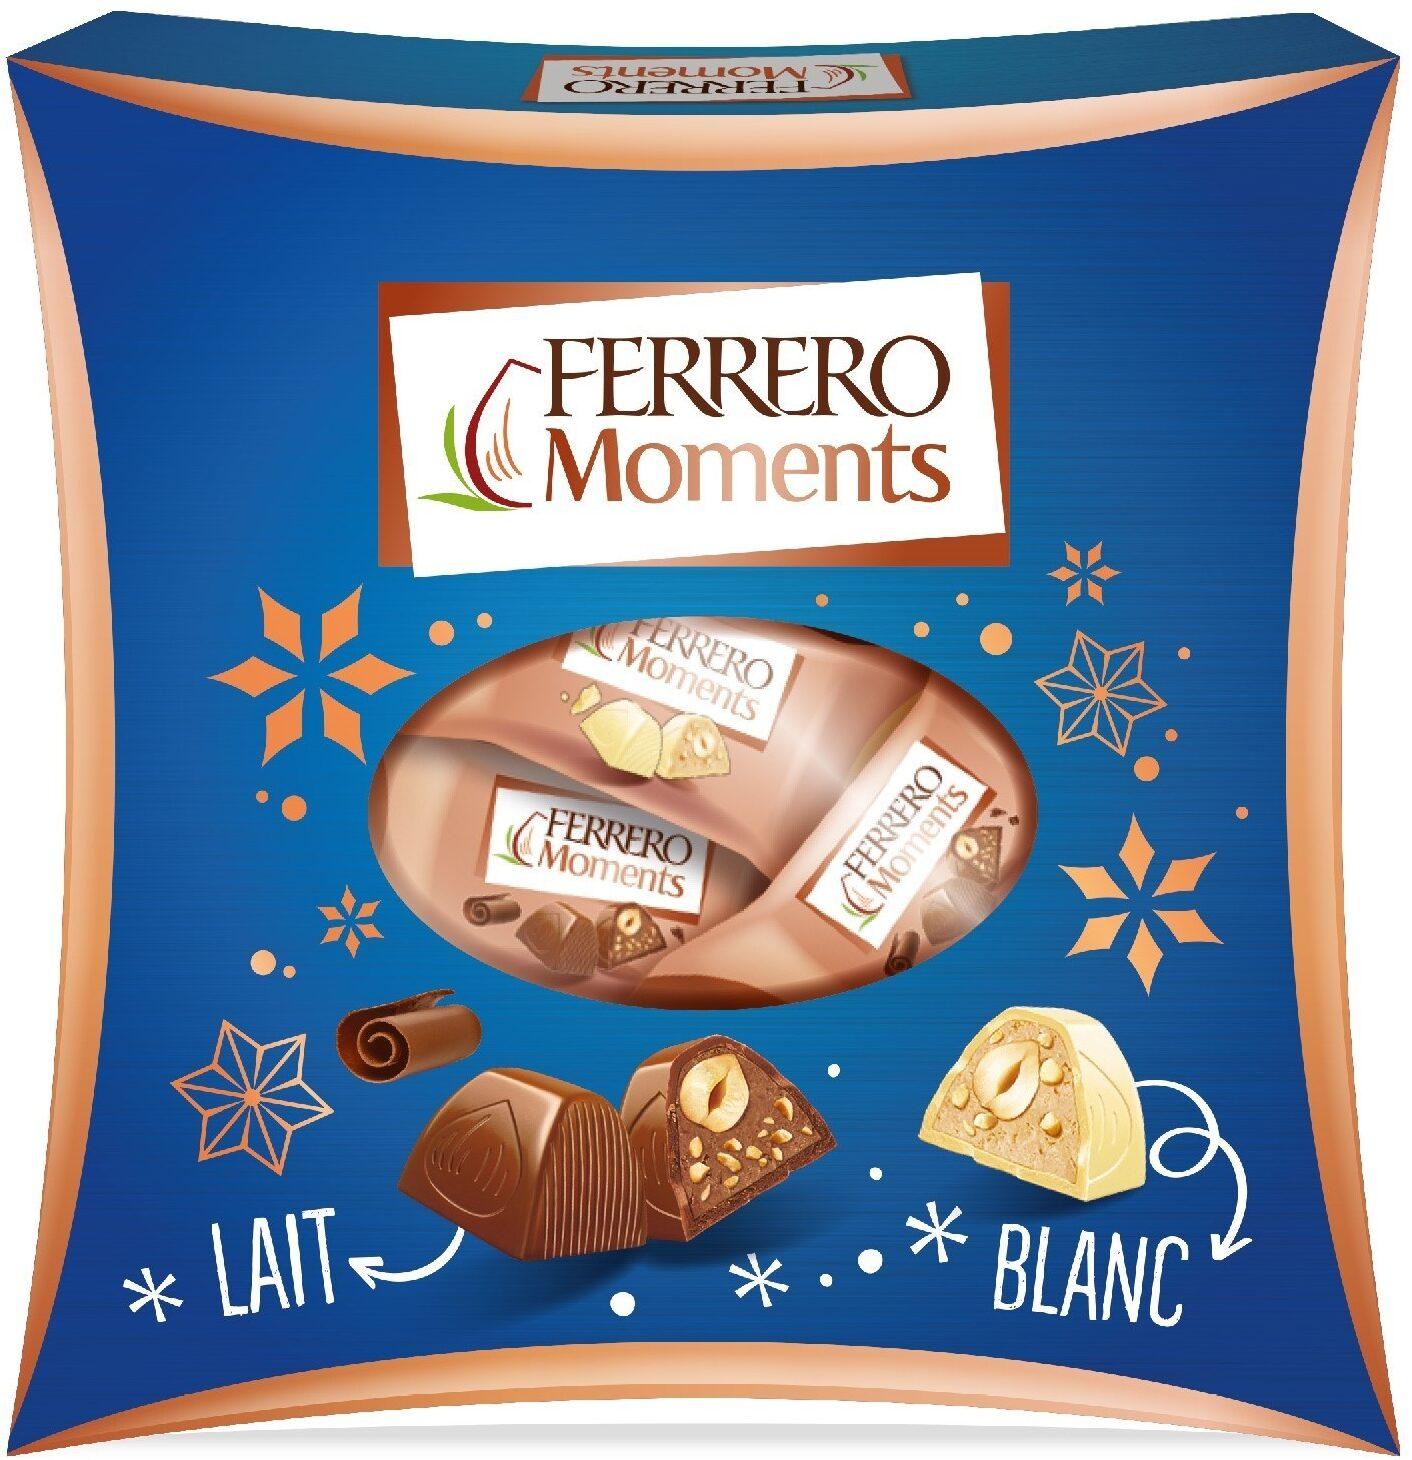 Ferrero moments bonbons de chocolat avec noisette entiere lait/blanc/noir boite de 21 pieces - Produkt - fr